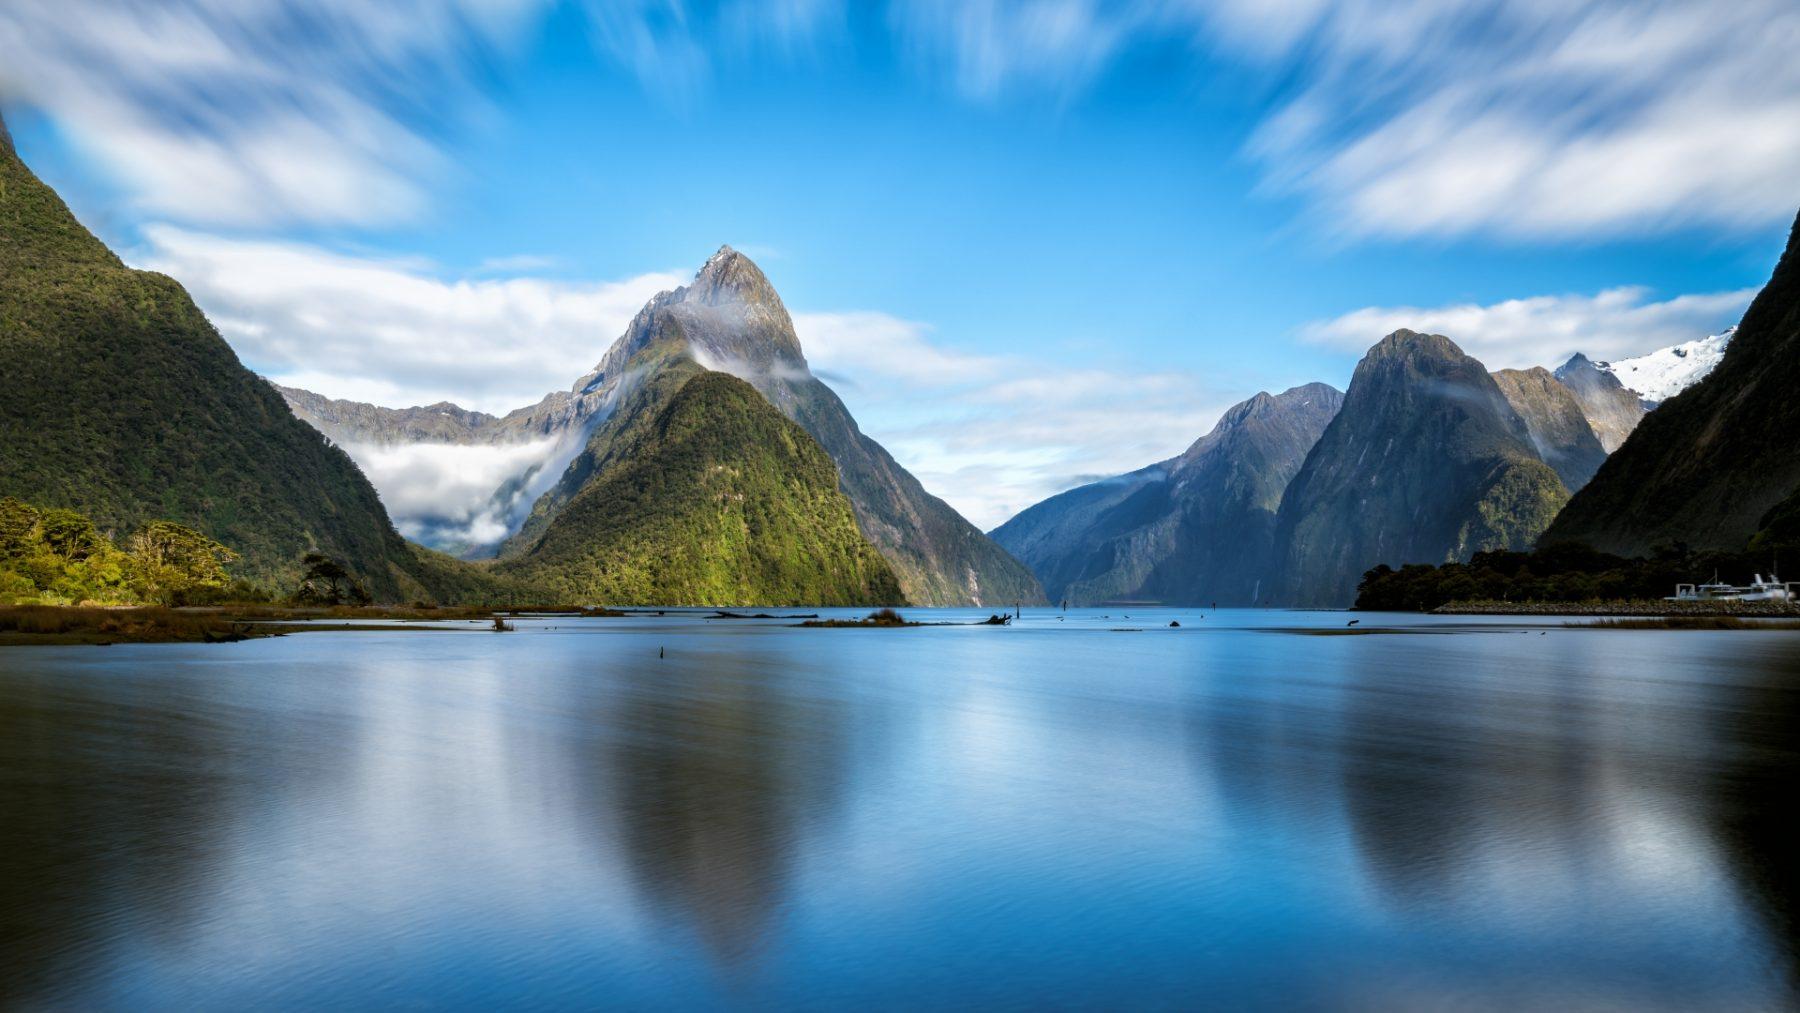 Nuova Zelanda Animali Milford Sound Fjord